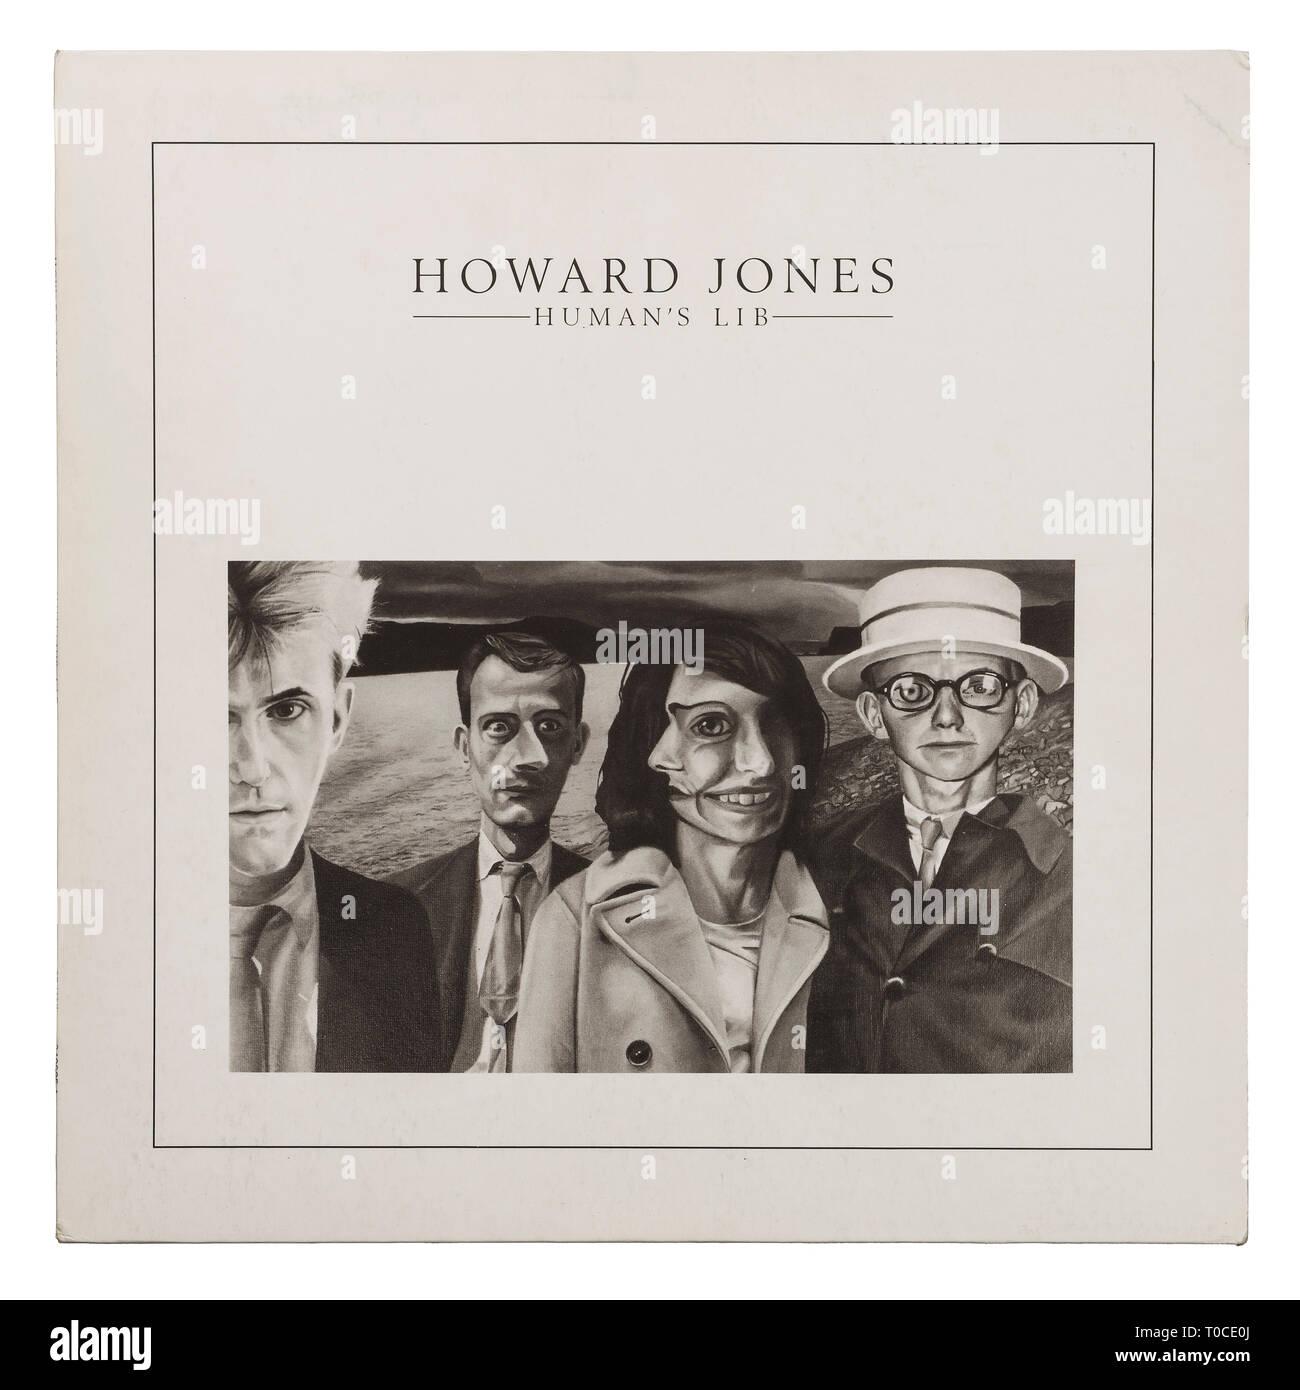 El album de vinilo manga para los seres humanos Lib por Howard Jones Foto de stock